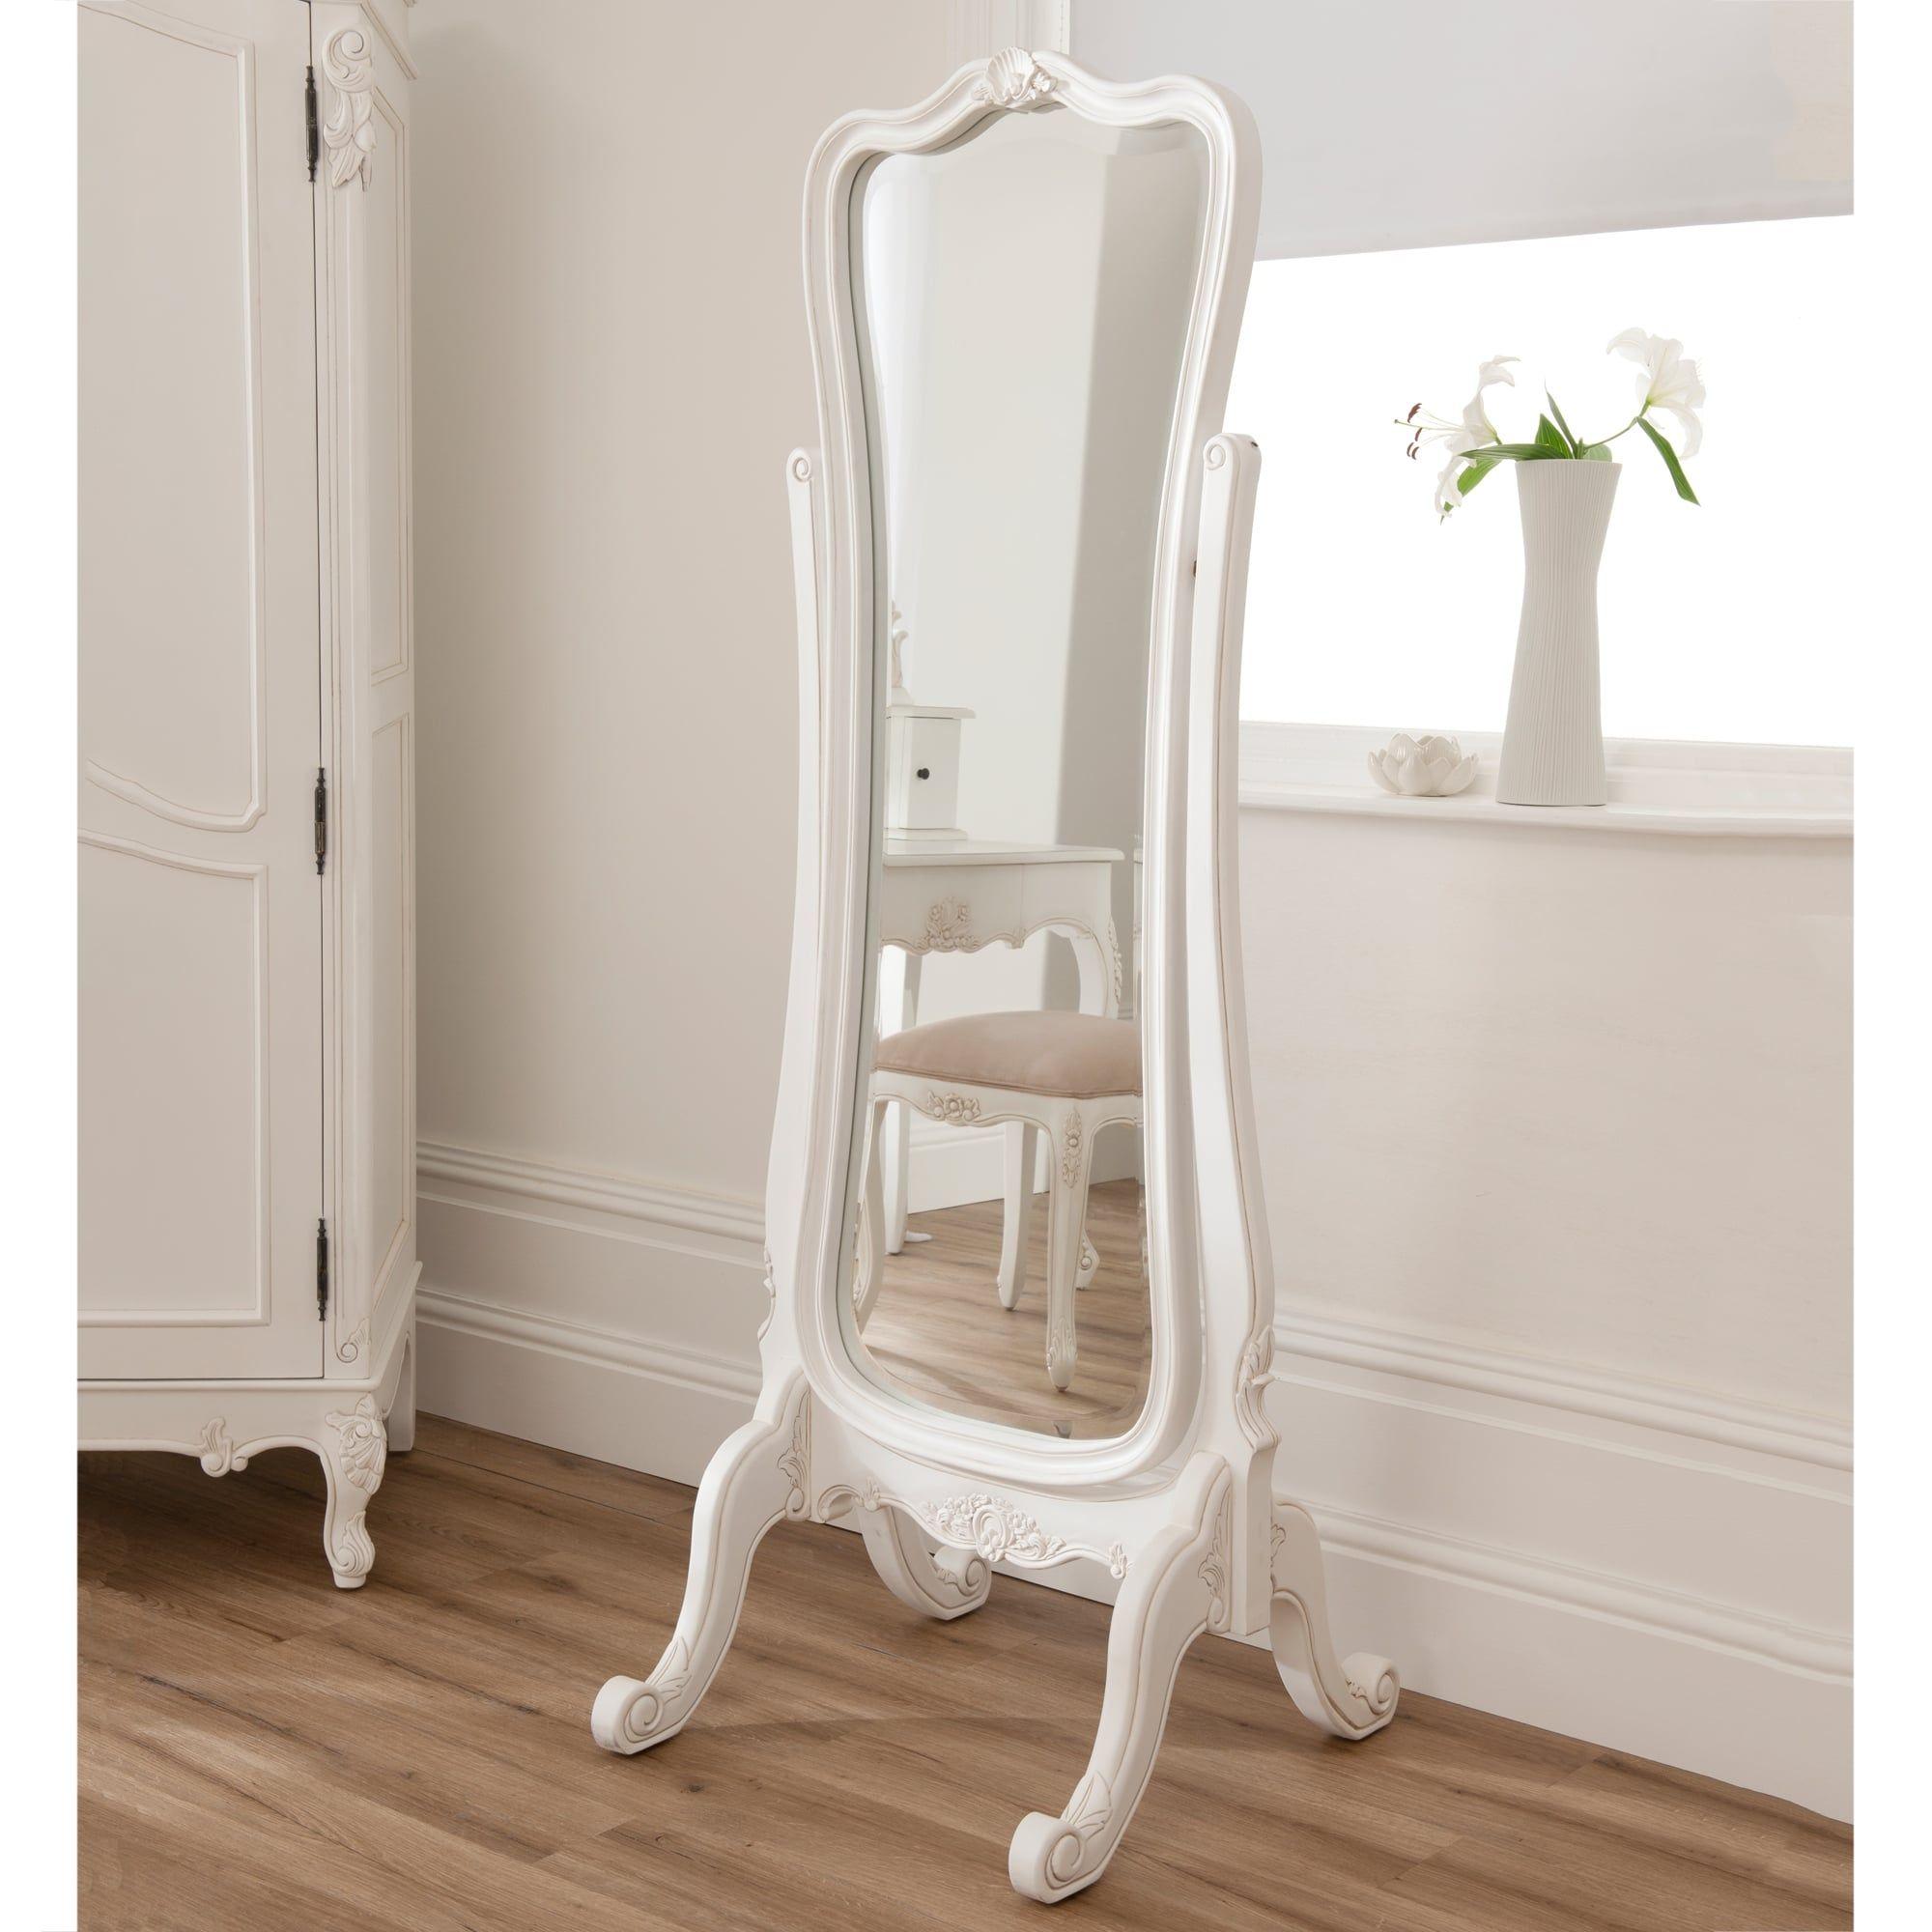 White baroque floor mirror baroque antique french style cheval white baroque floor mirror baroque antique french style cheval mirror white floor r dailygadgetfo Gallery